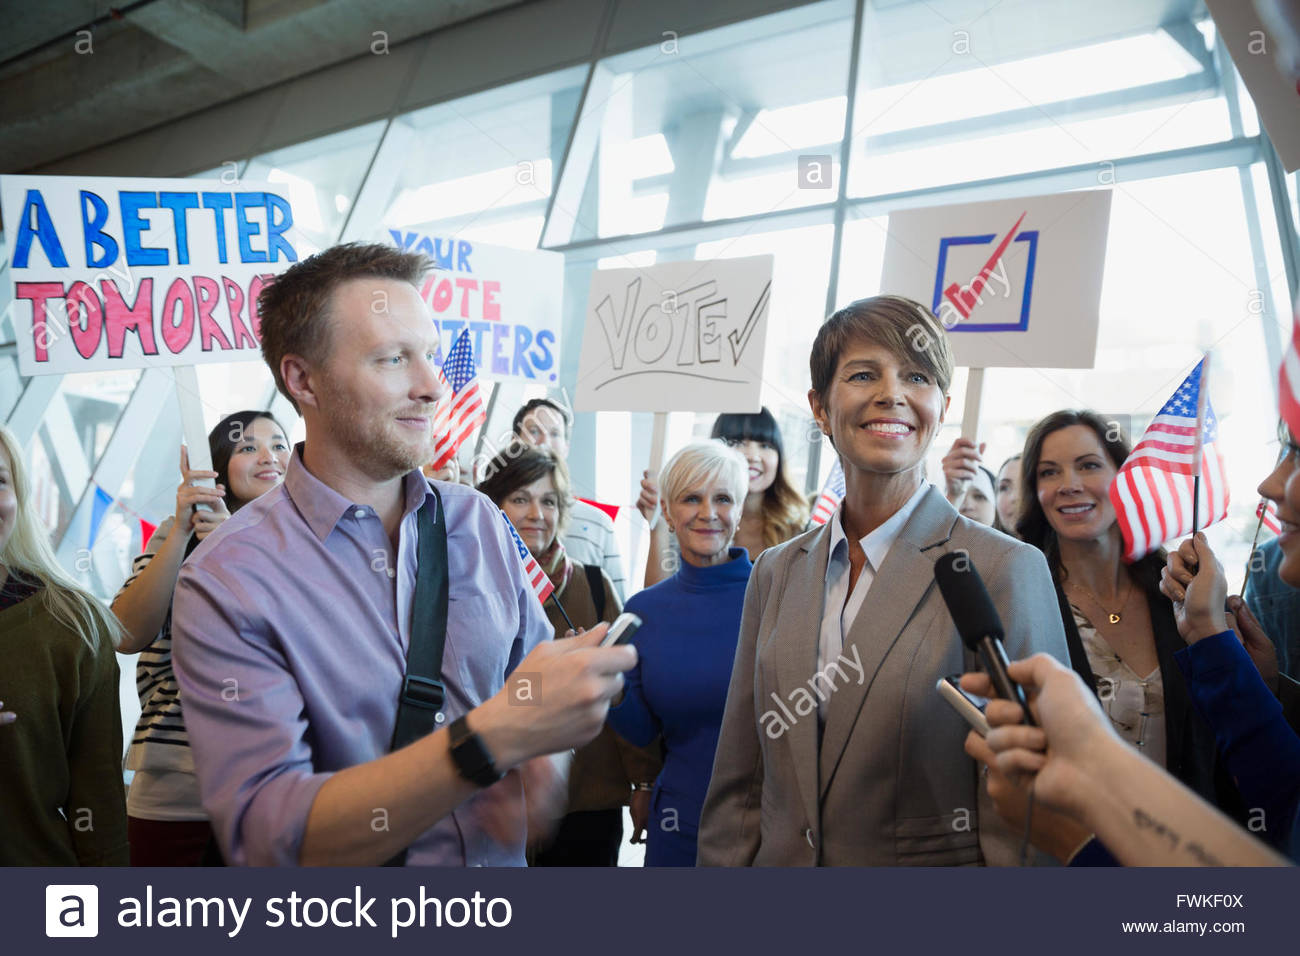 Weibliche Politiker interviewt unter Menge bei Rallye Stockbild